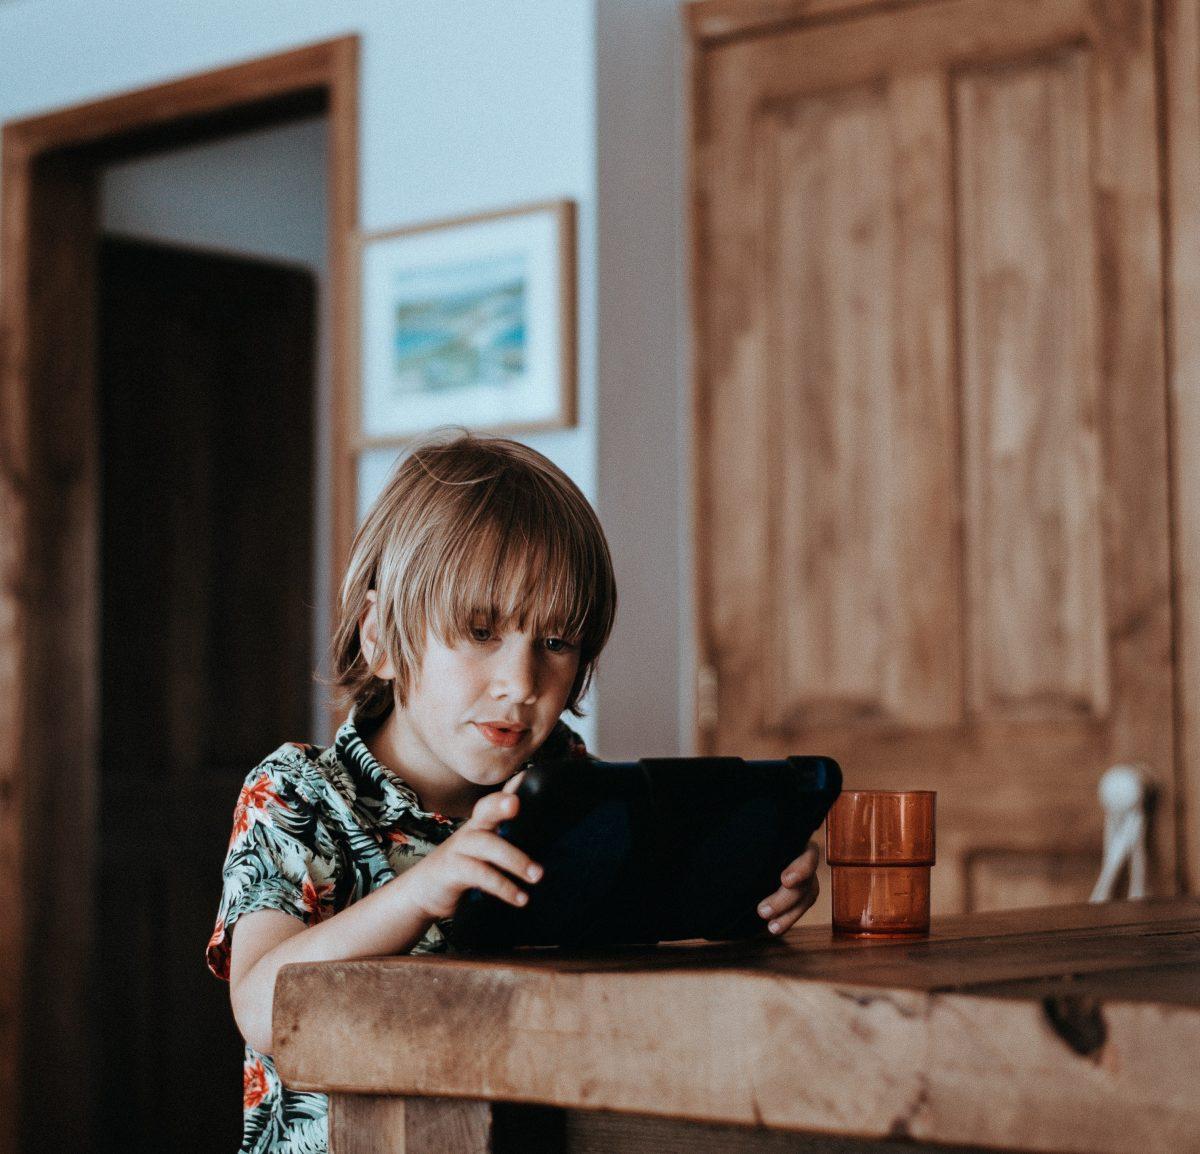 enfant pictionary en ligne